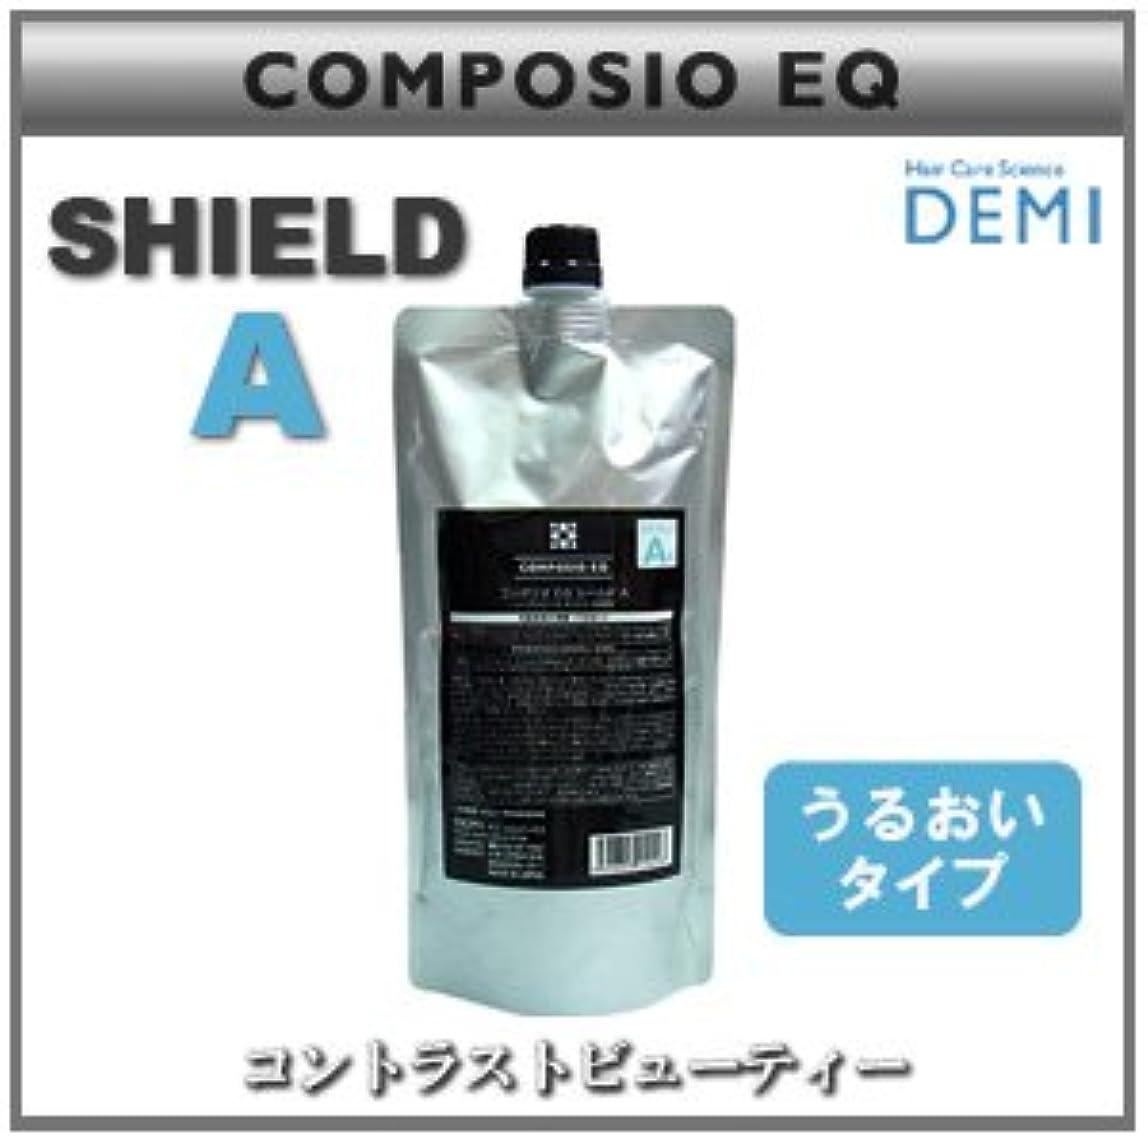 ピニオン財政やむを得ない【X3個セット】 デミ コンポジオ EQ シールド A 450g